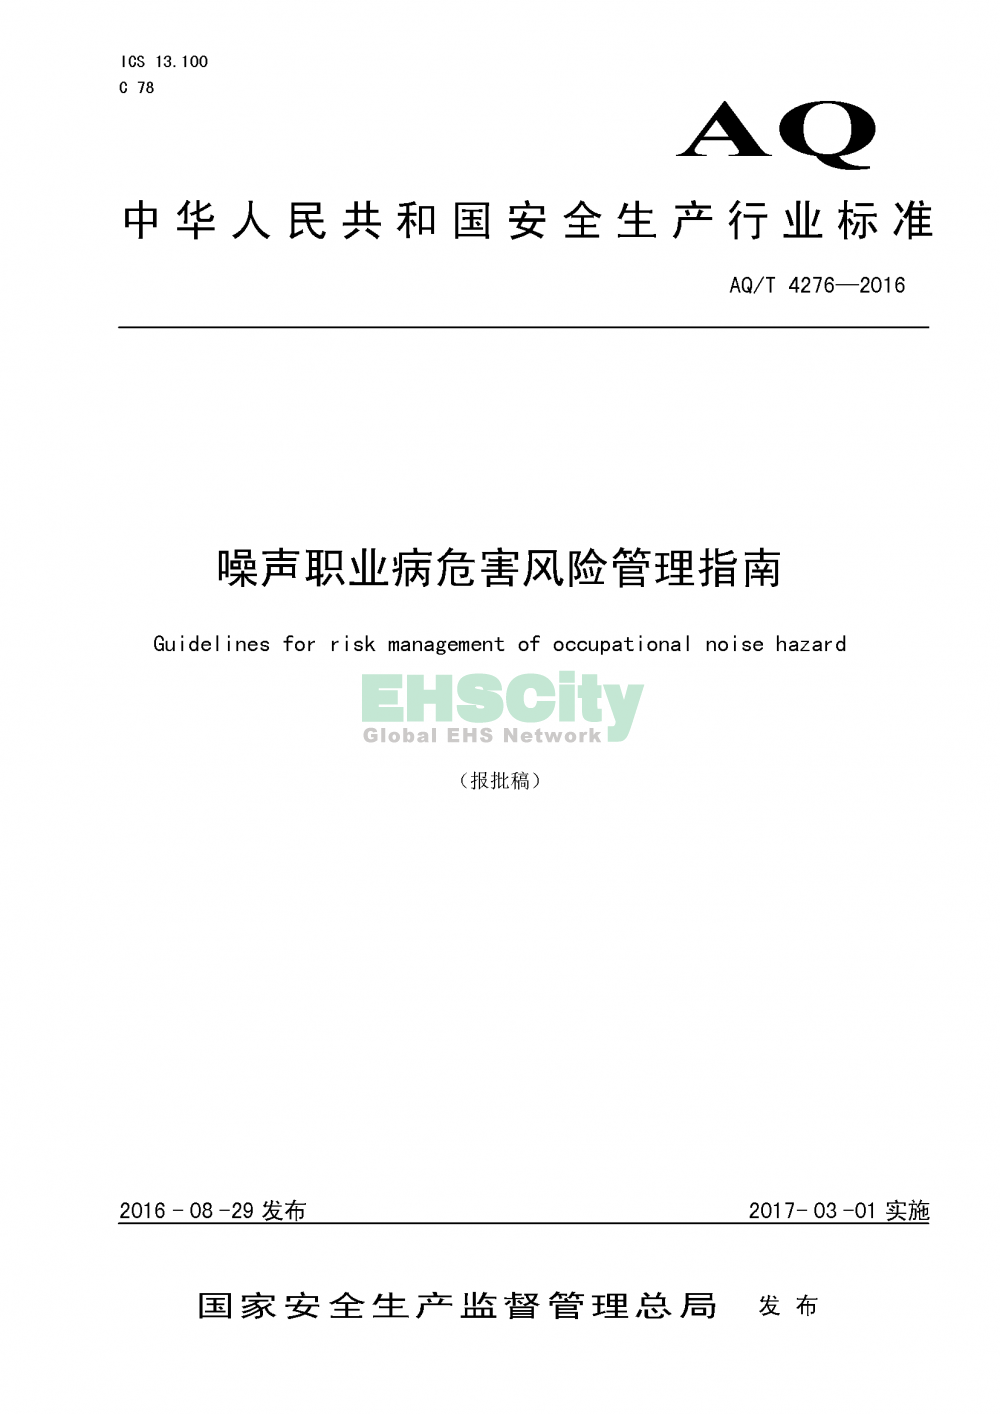 噪声职业病危害风险管理指南_页面_01